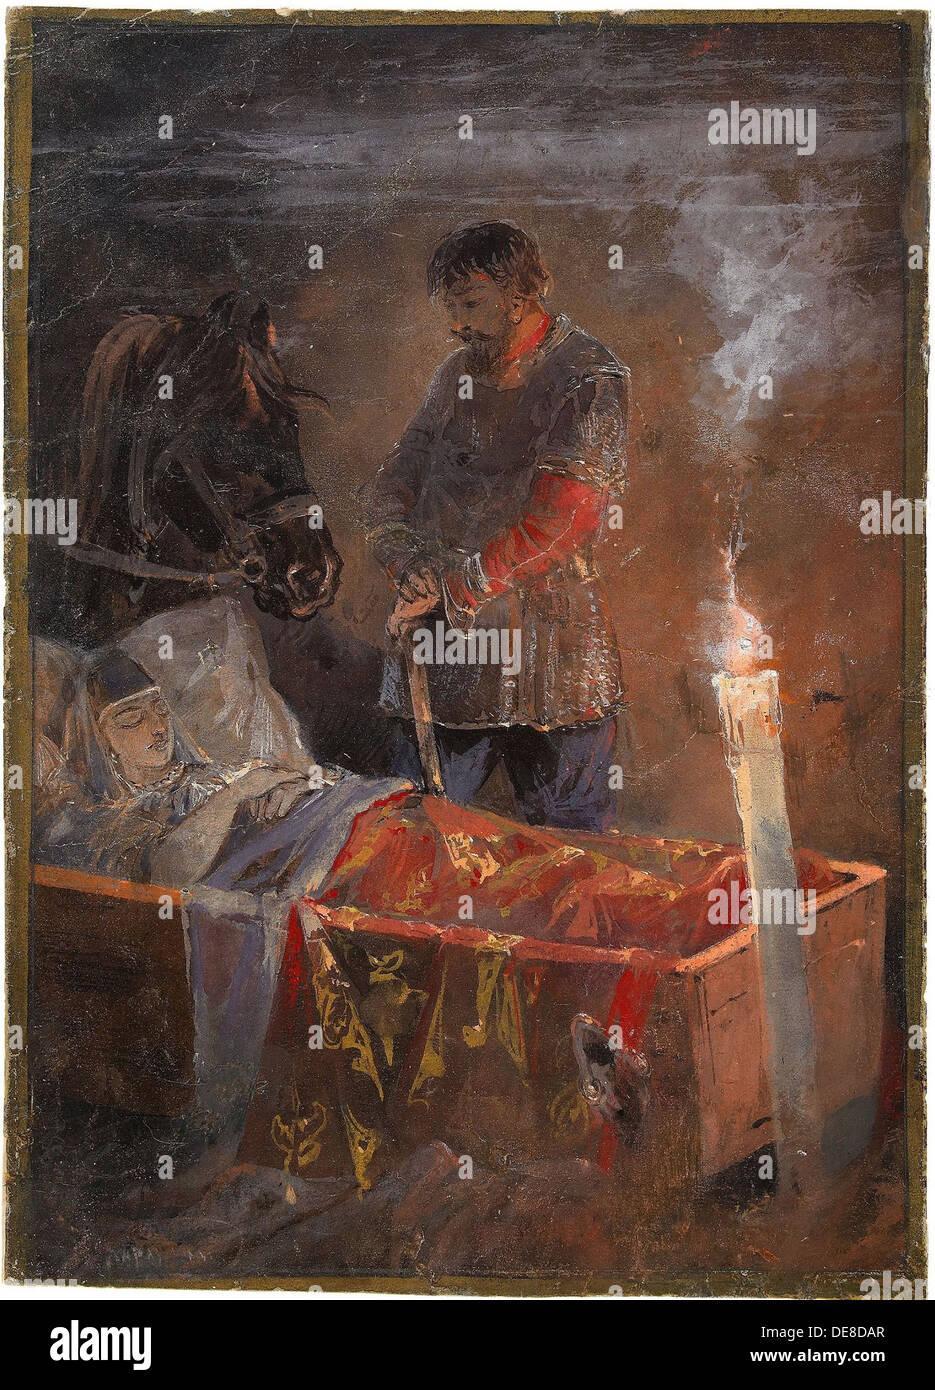 Sleeping Beauty, 1889. Artist: Karasin, Nikolai Nikolayevich (1842-1908) - Stock Image